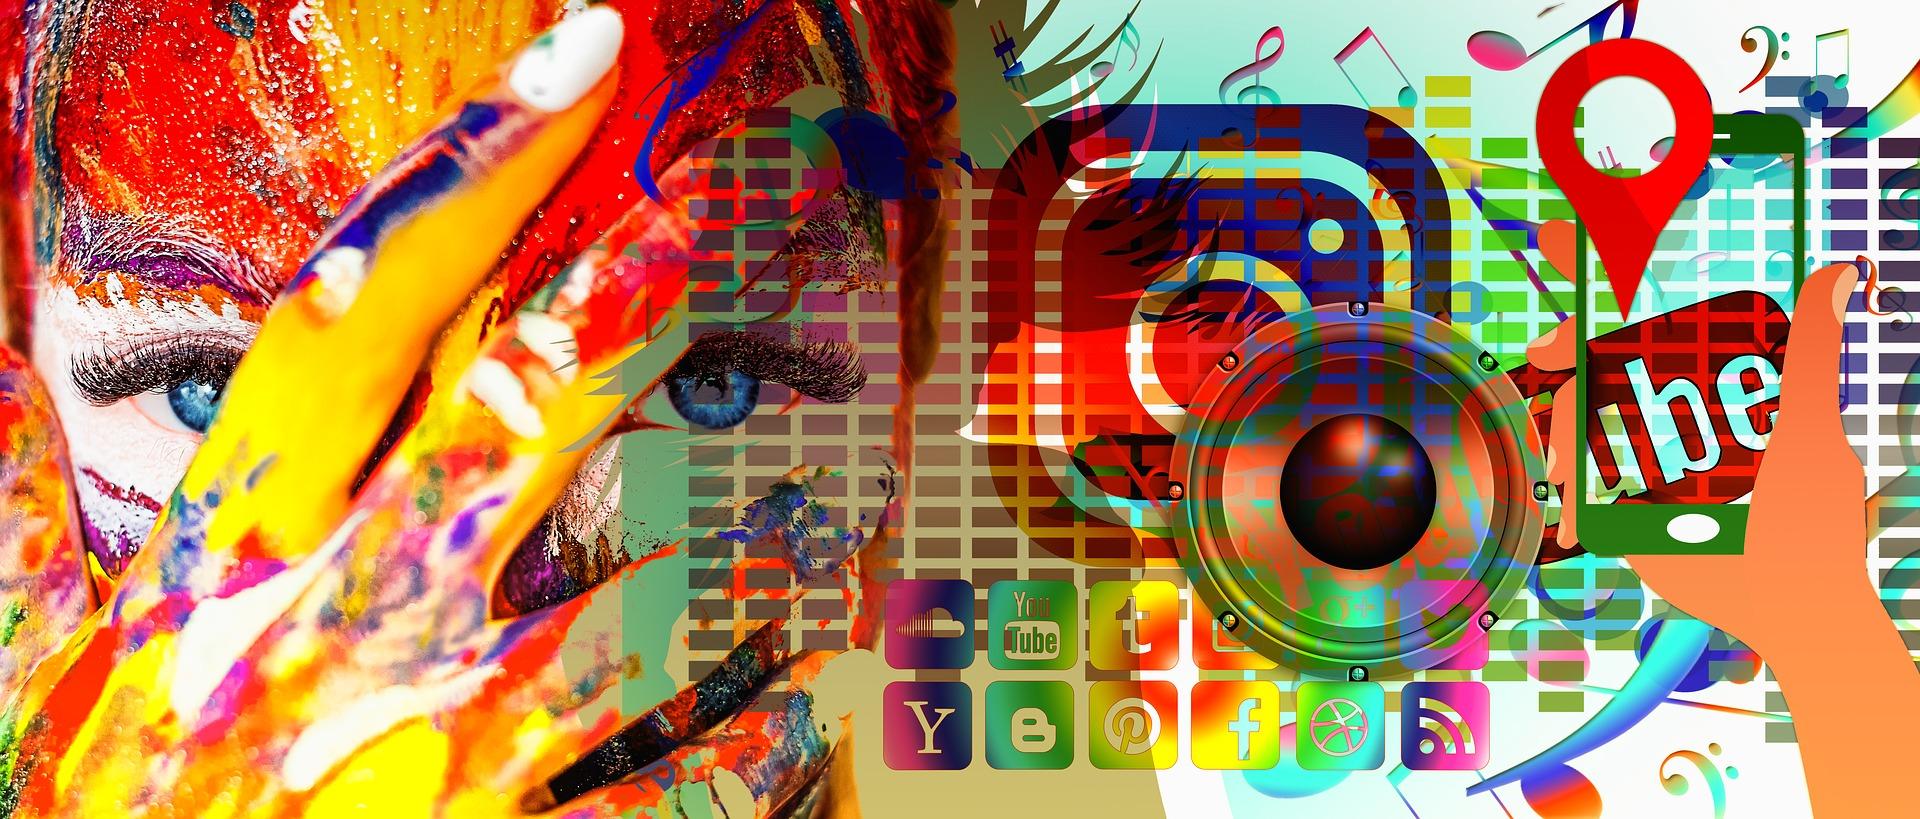 Social Media bunt